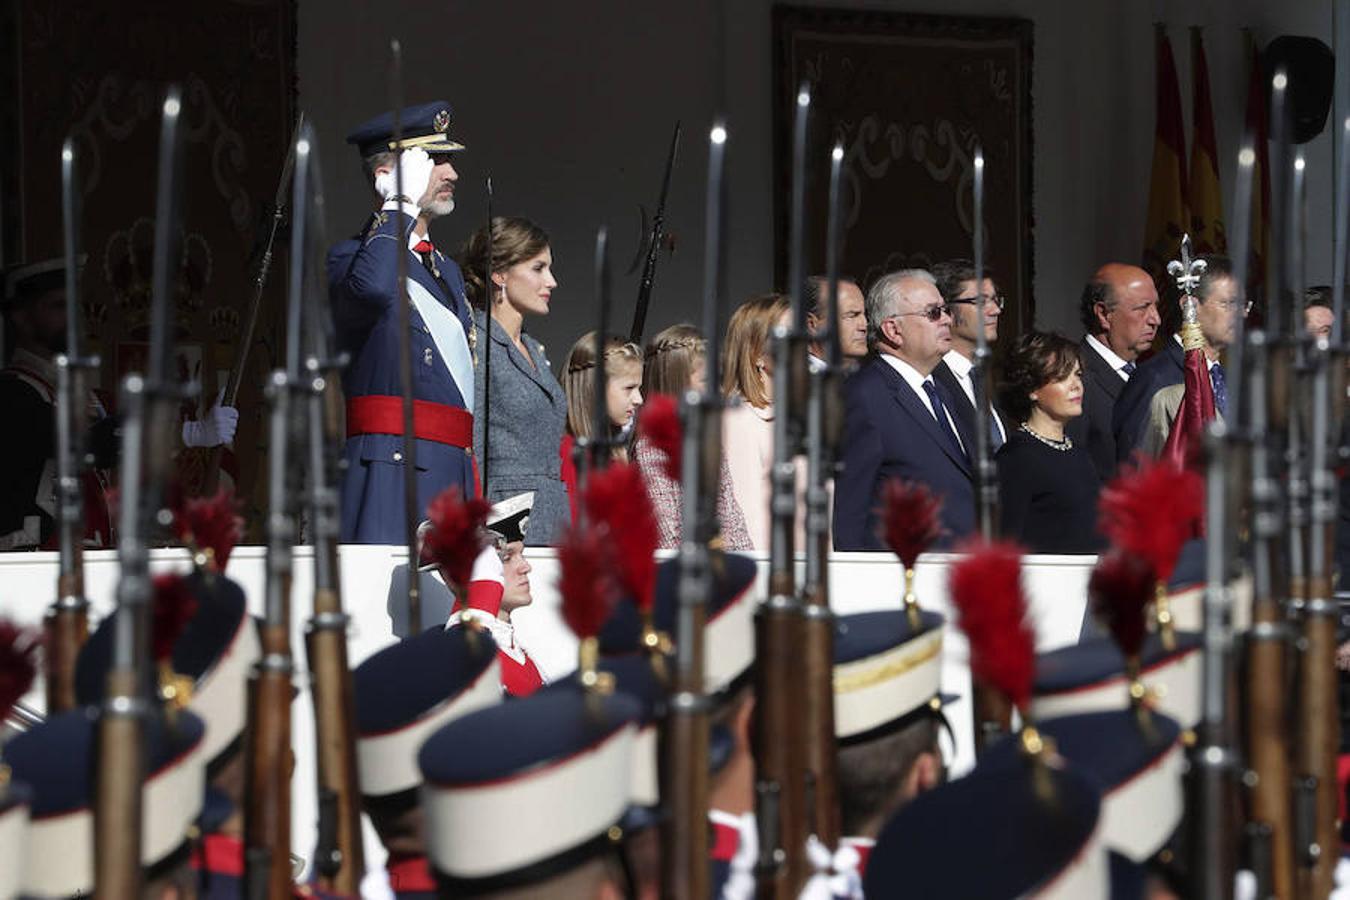 Los Reyes junto a sus hijas, presiden el desfile del Día de la Fiesta Nacional al que asiste el Gobierno en pleno y la mayoría de líderes políticos (EFE)